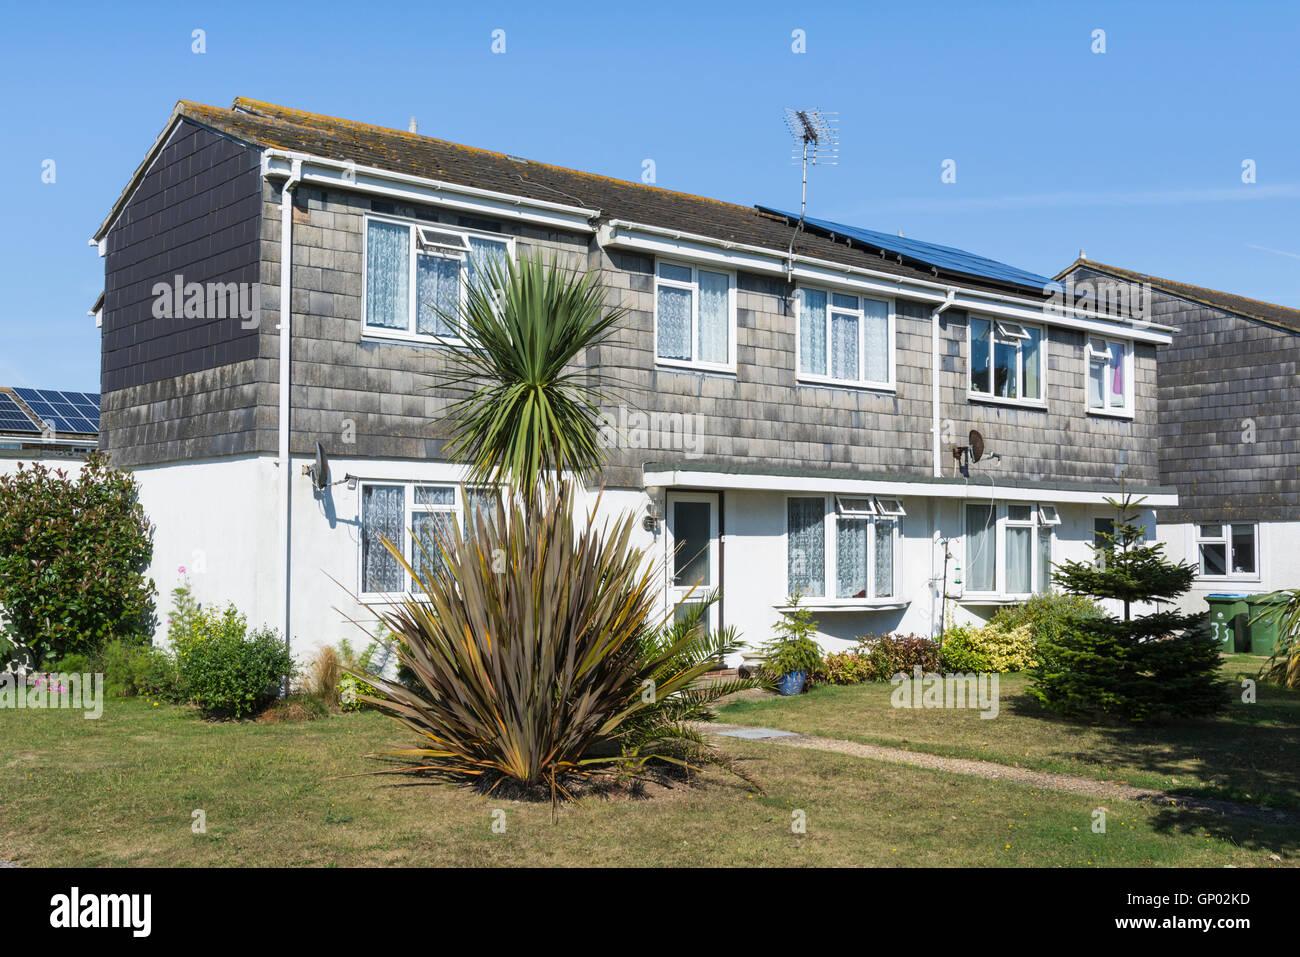 Piastrella appeso moderne case a schiera nel Regno Unito. Immagini Stock